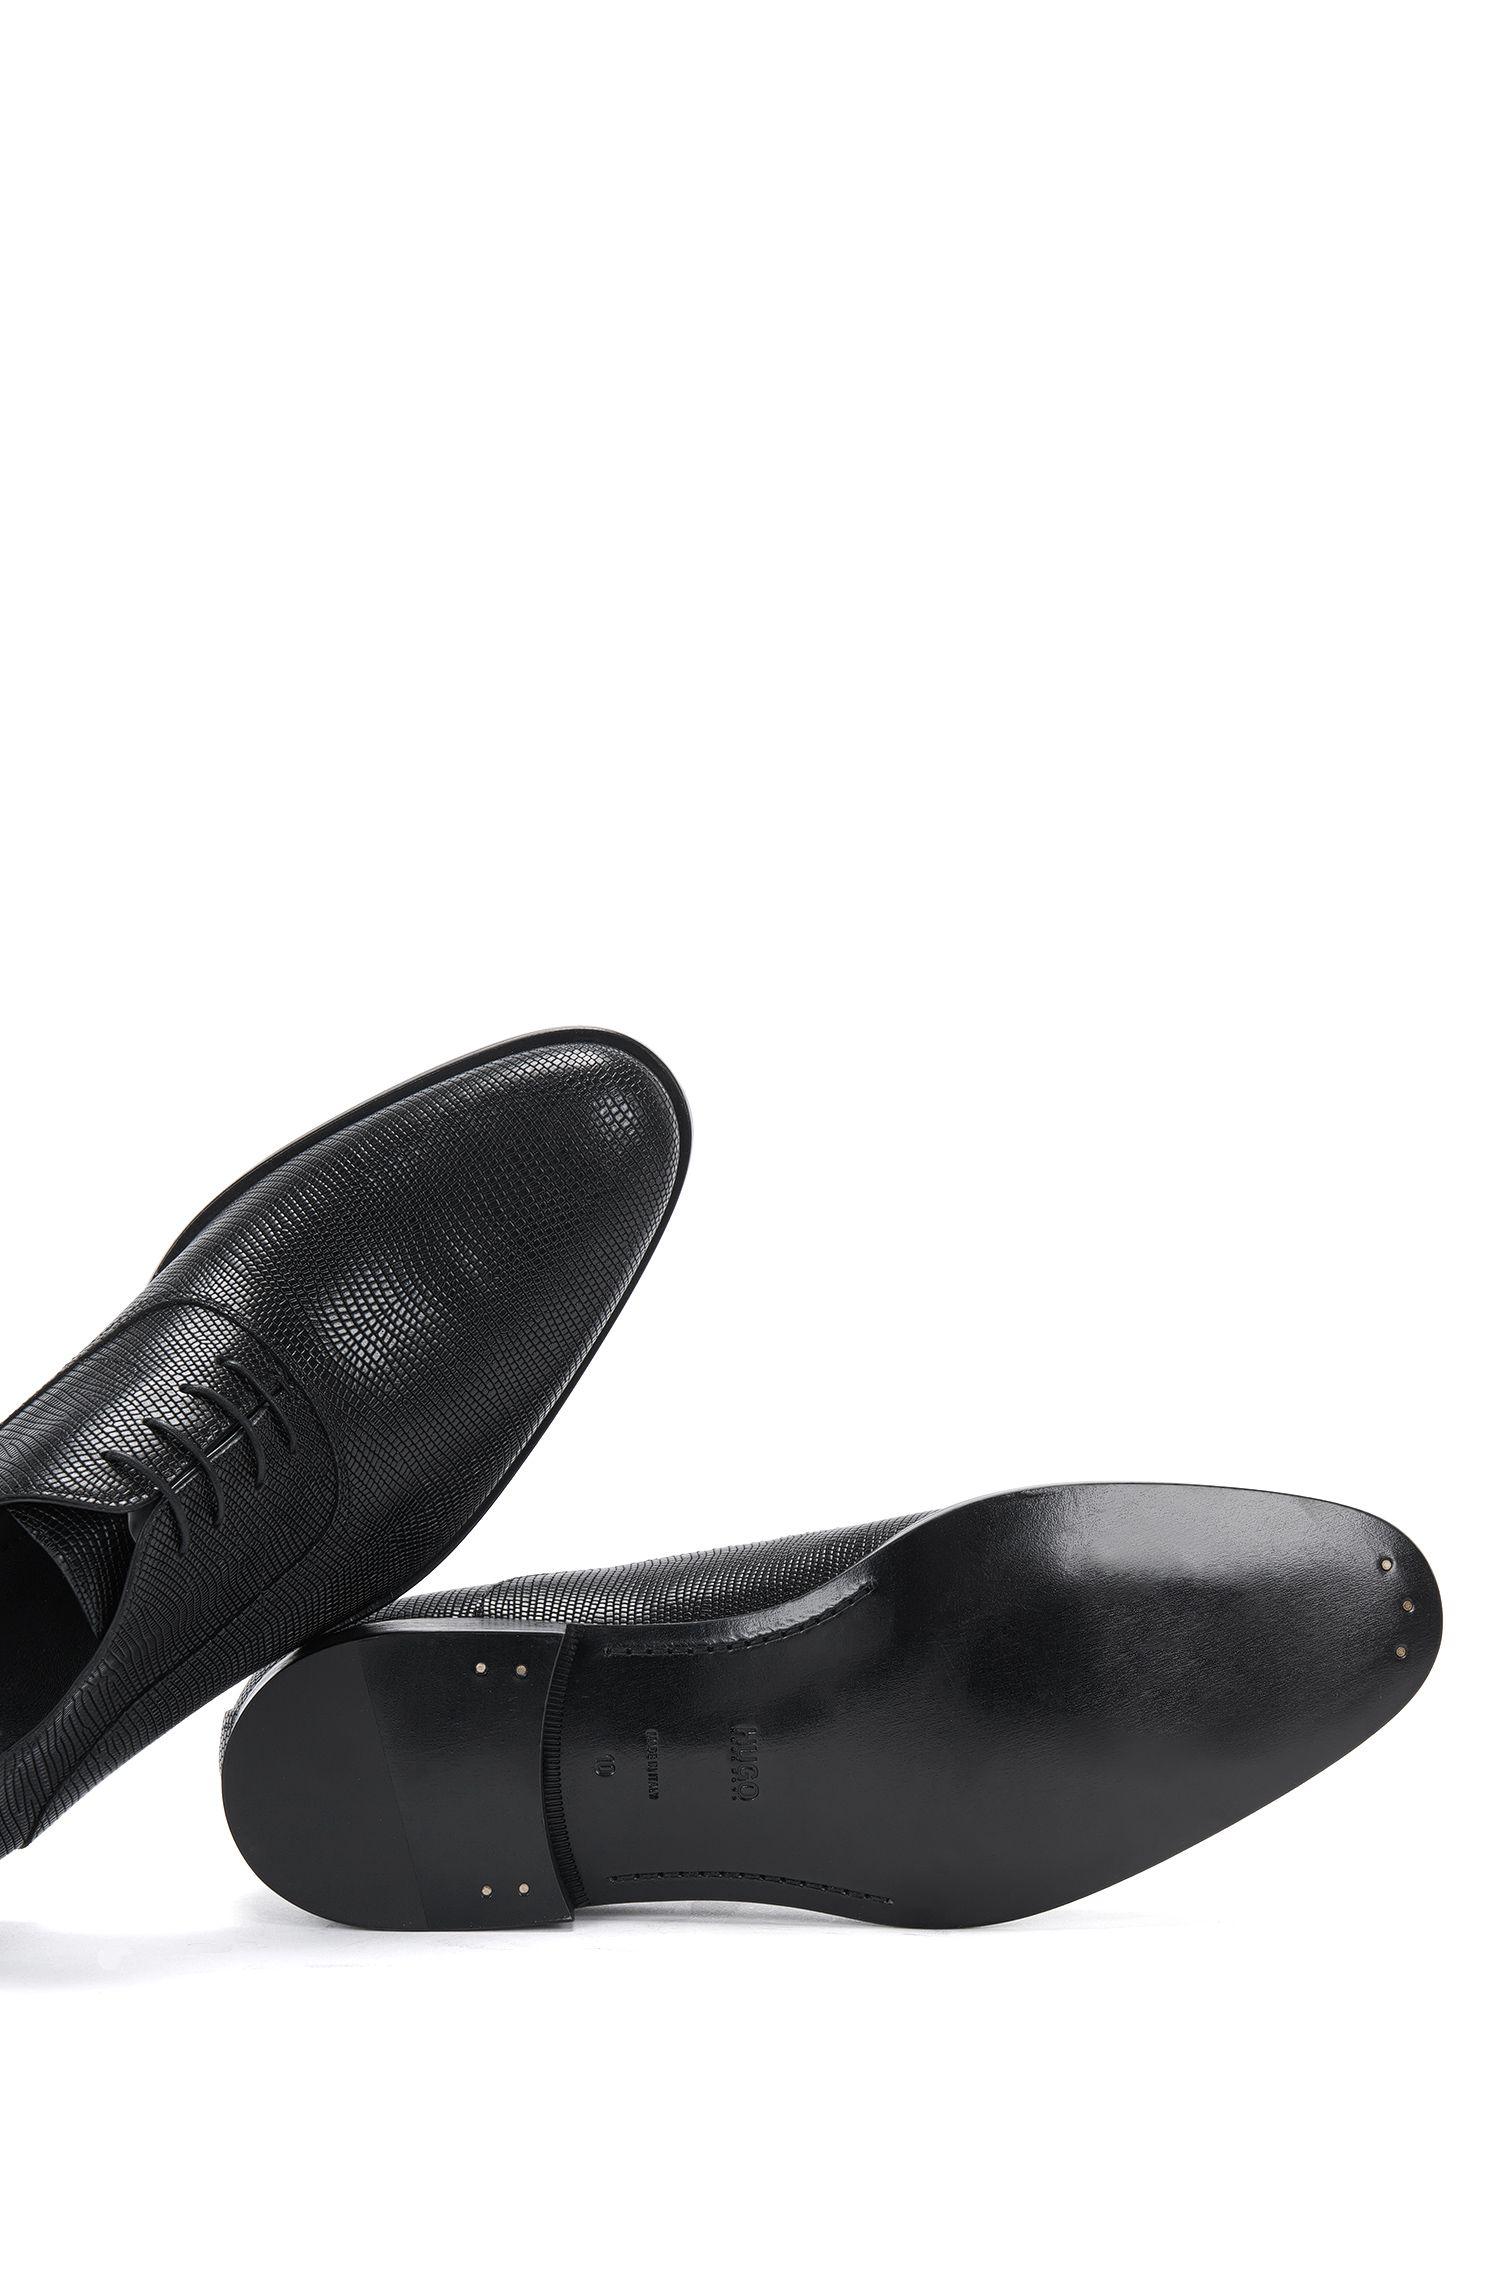 Schnürschuhe aus Leder mit Allover-Prägung 'Sigma_Oxfr_exo'